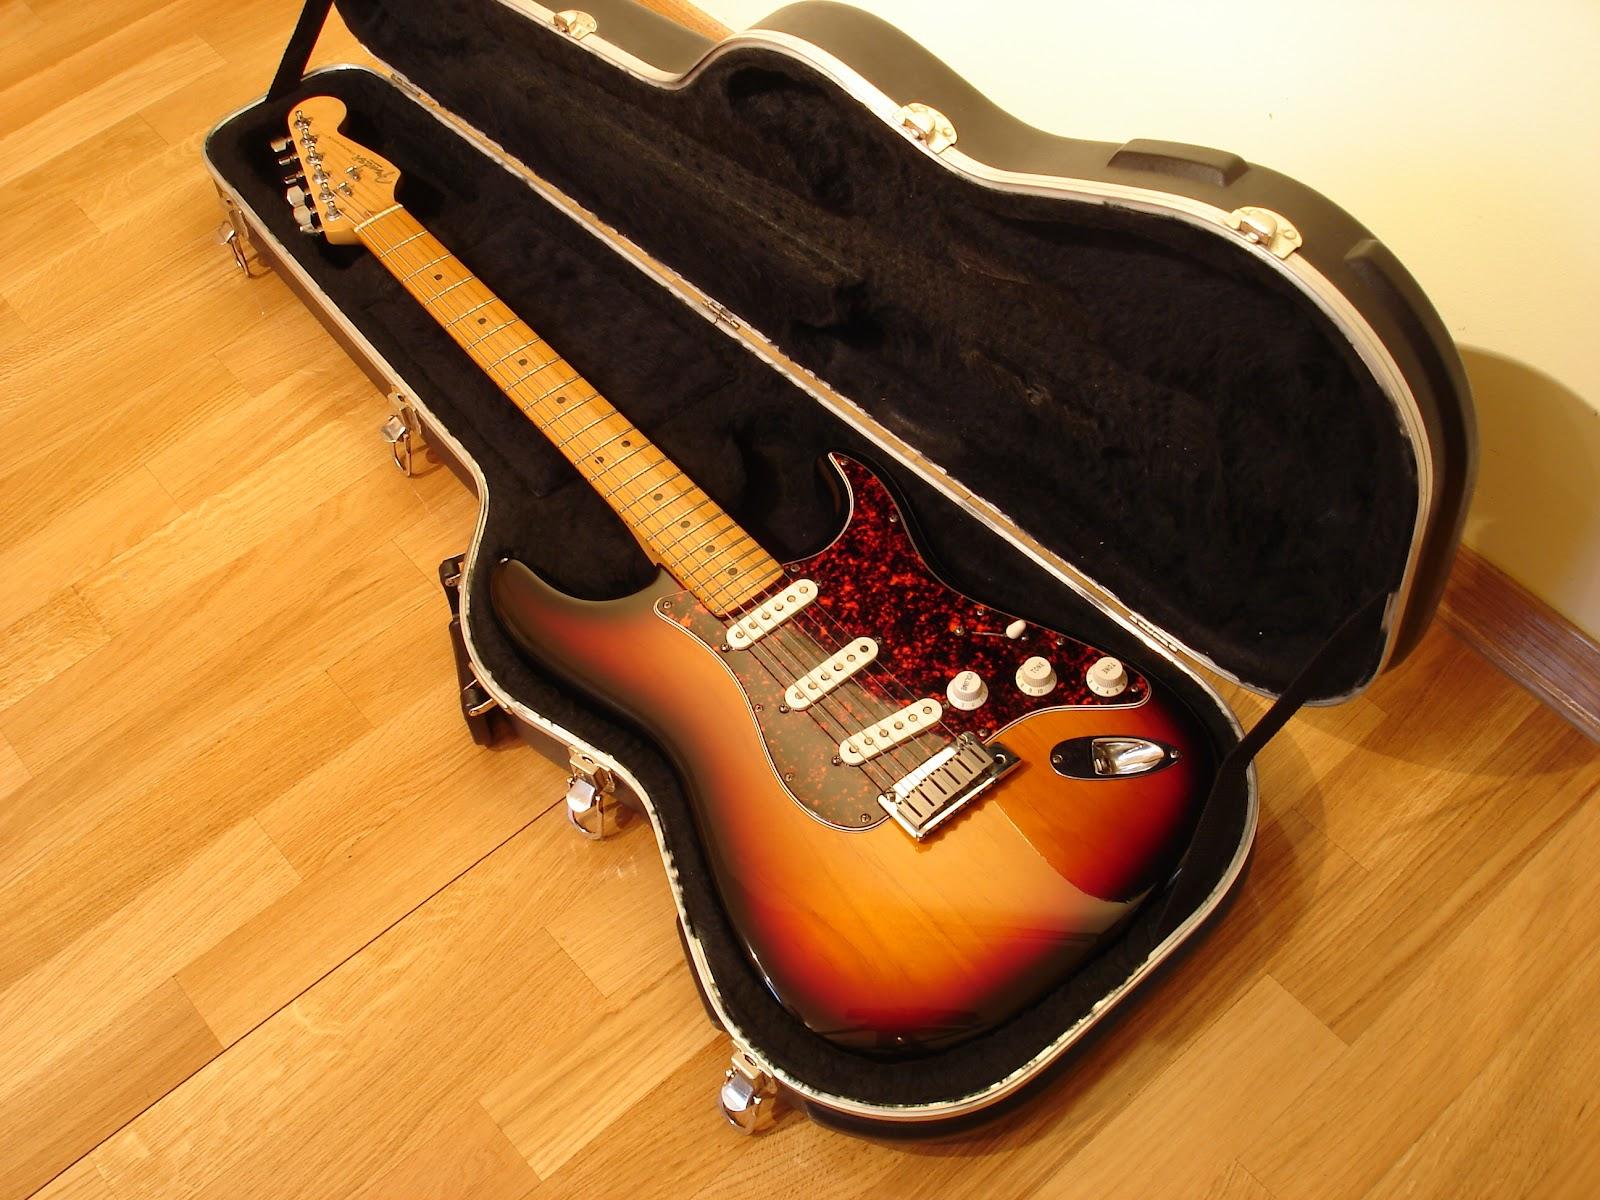 Fender Stratocaster Seymour Duncan Hot Rails Best 2018 Shr 1 Series Wiring Diagram Shr1b Strat Pickup Black Key